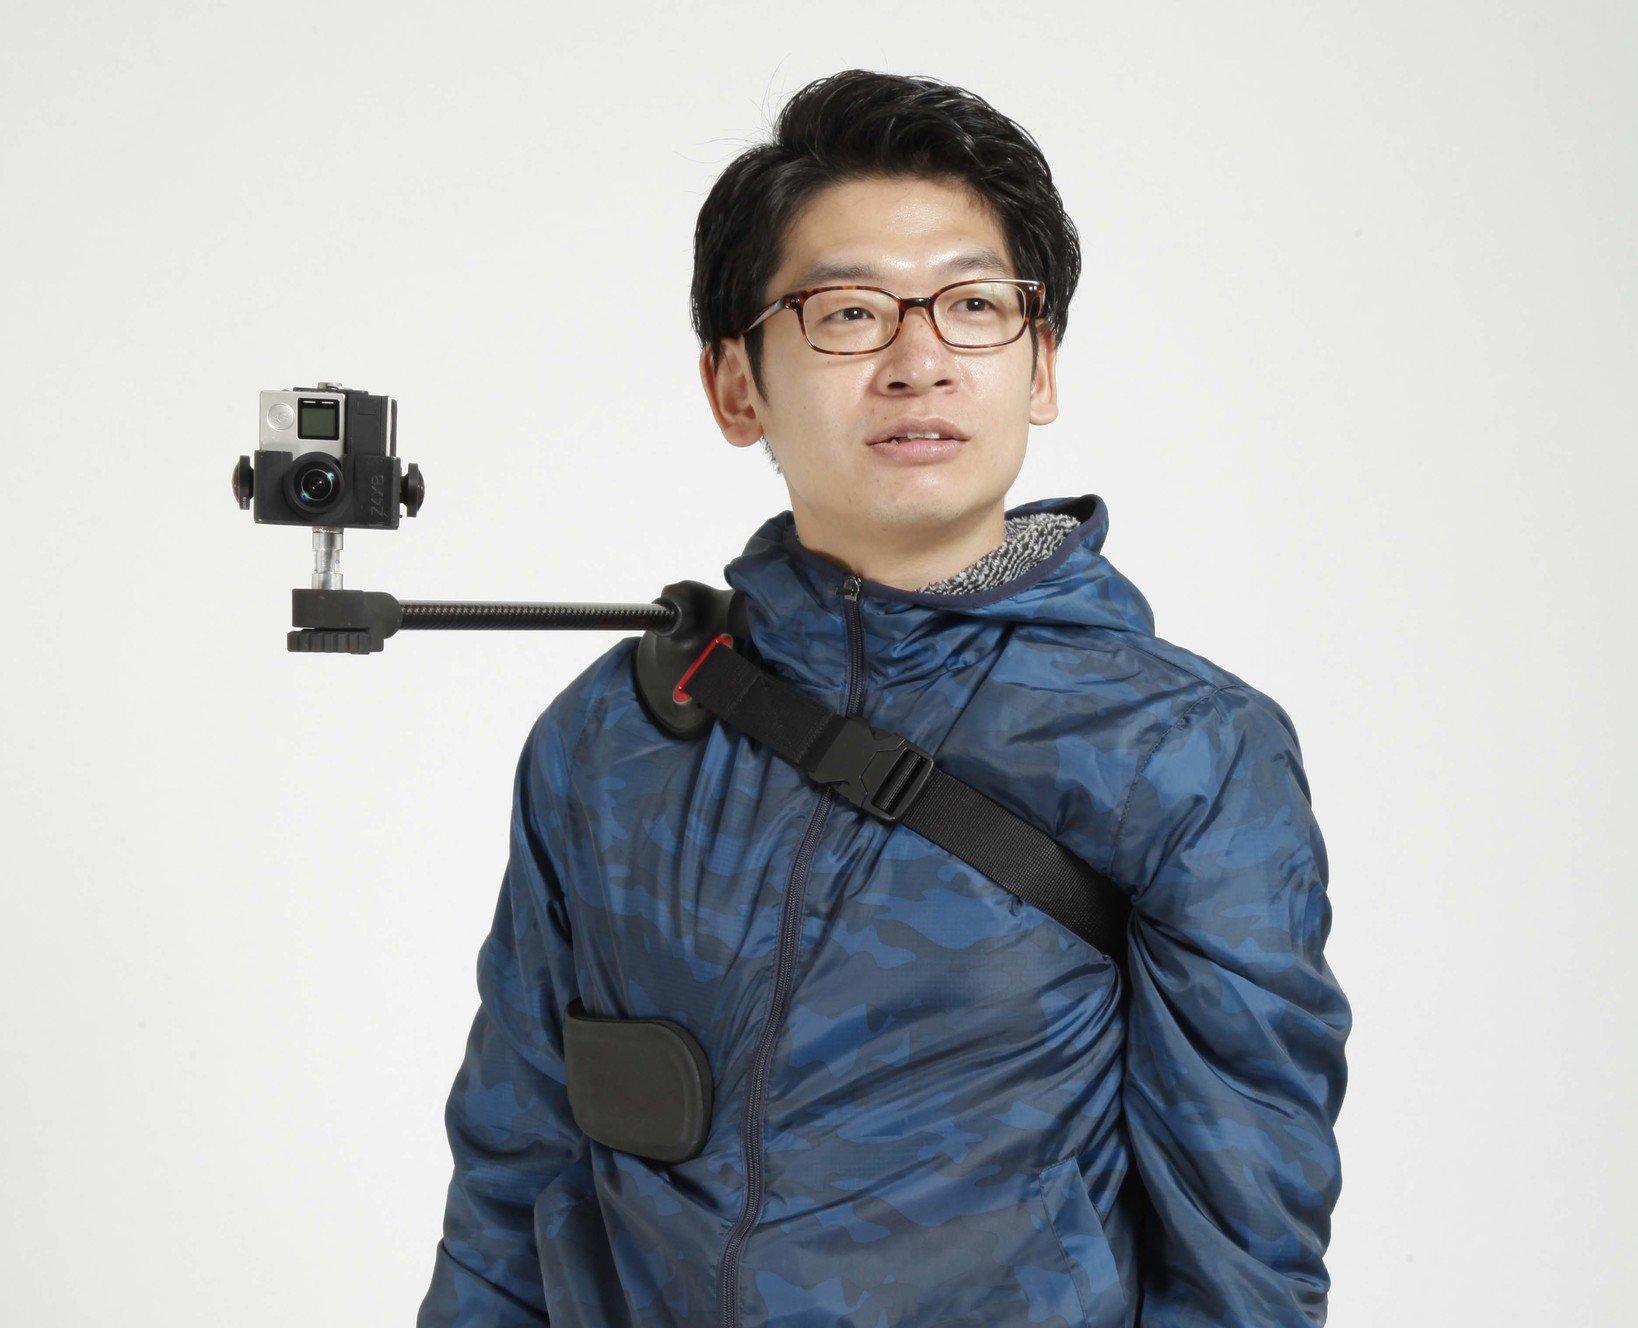 ▲撮影者との疑似コミュニケーションVRを実現する、Wearable Mount 360。